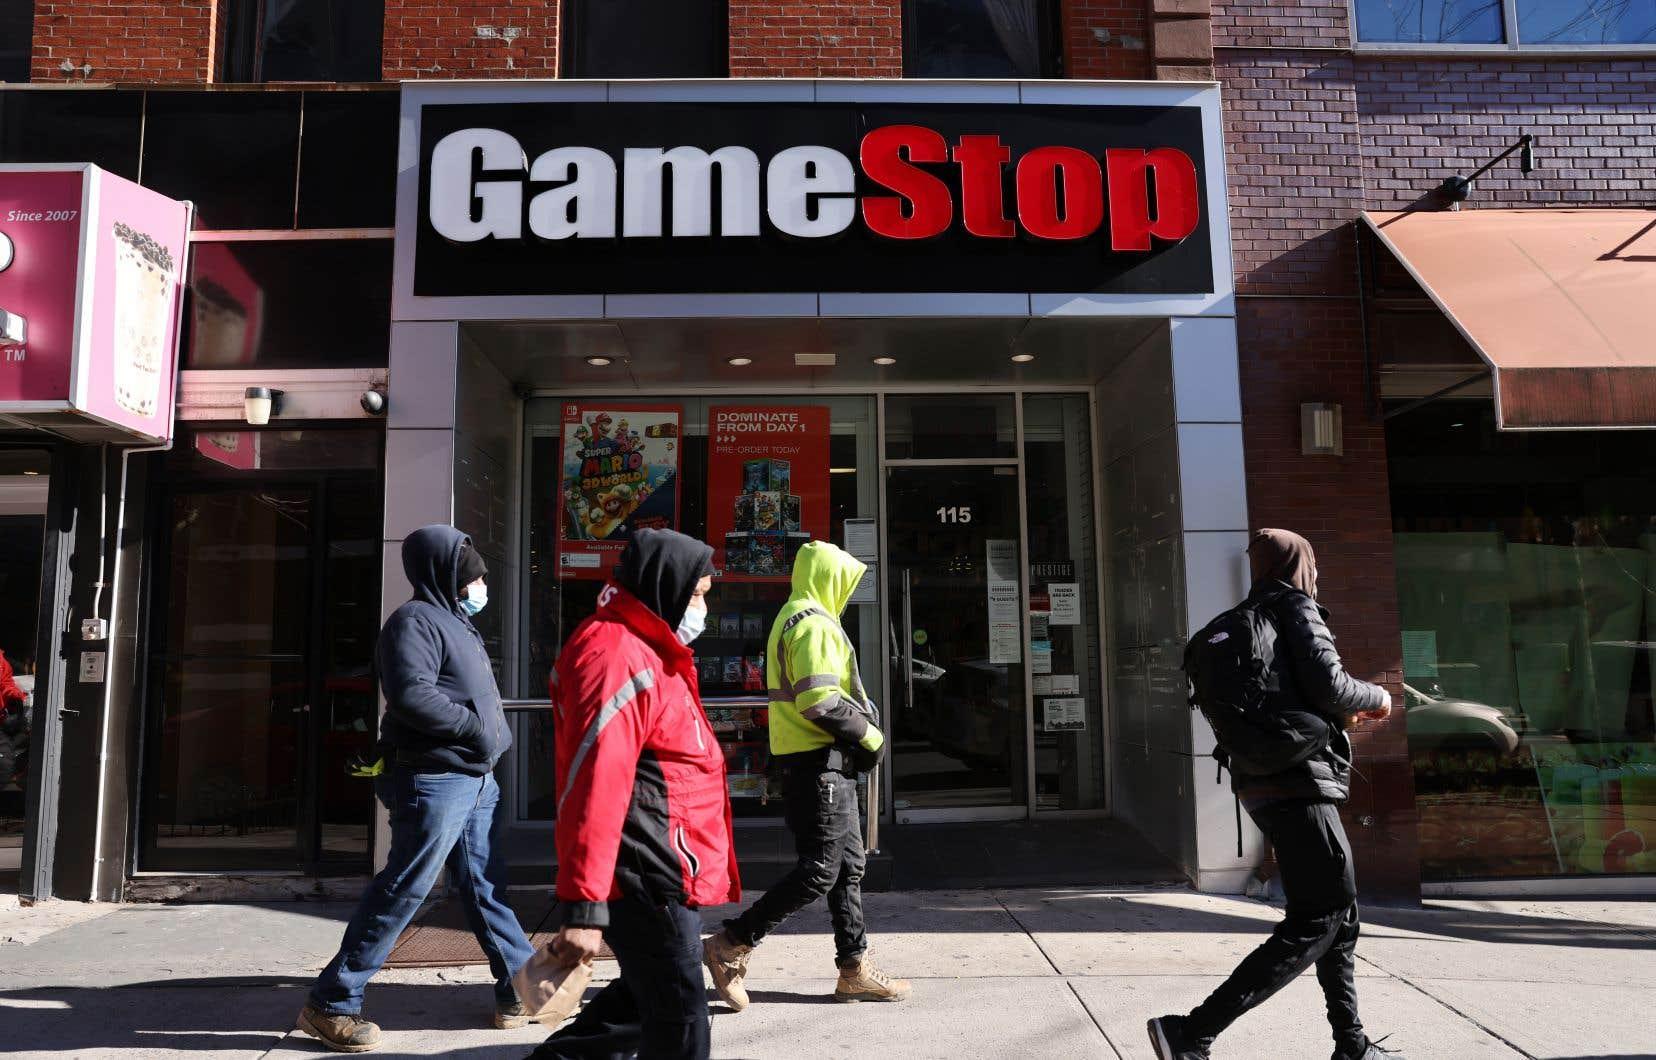 Que l'un des enjeux de cet affrontement soit l'avenir plus qu'incertain d'une chaîne de magasins de jeux vidéo en difficulté (GameStop), vendant principalement ses produits dans des centres commerciaux, en pleine pandémie, semble secondaire.